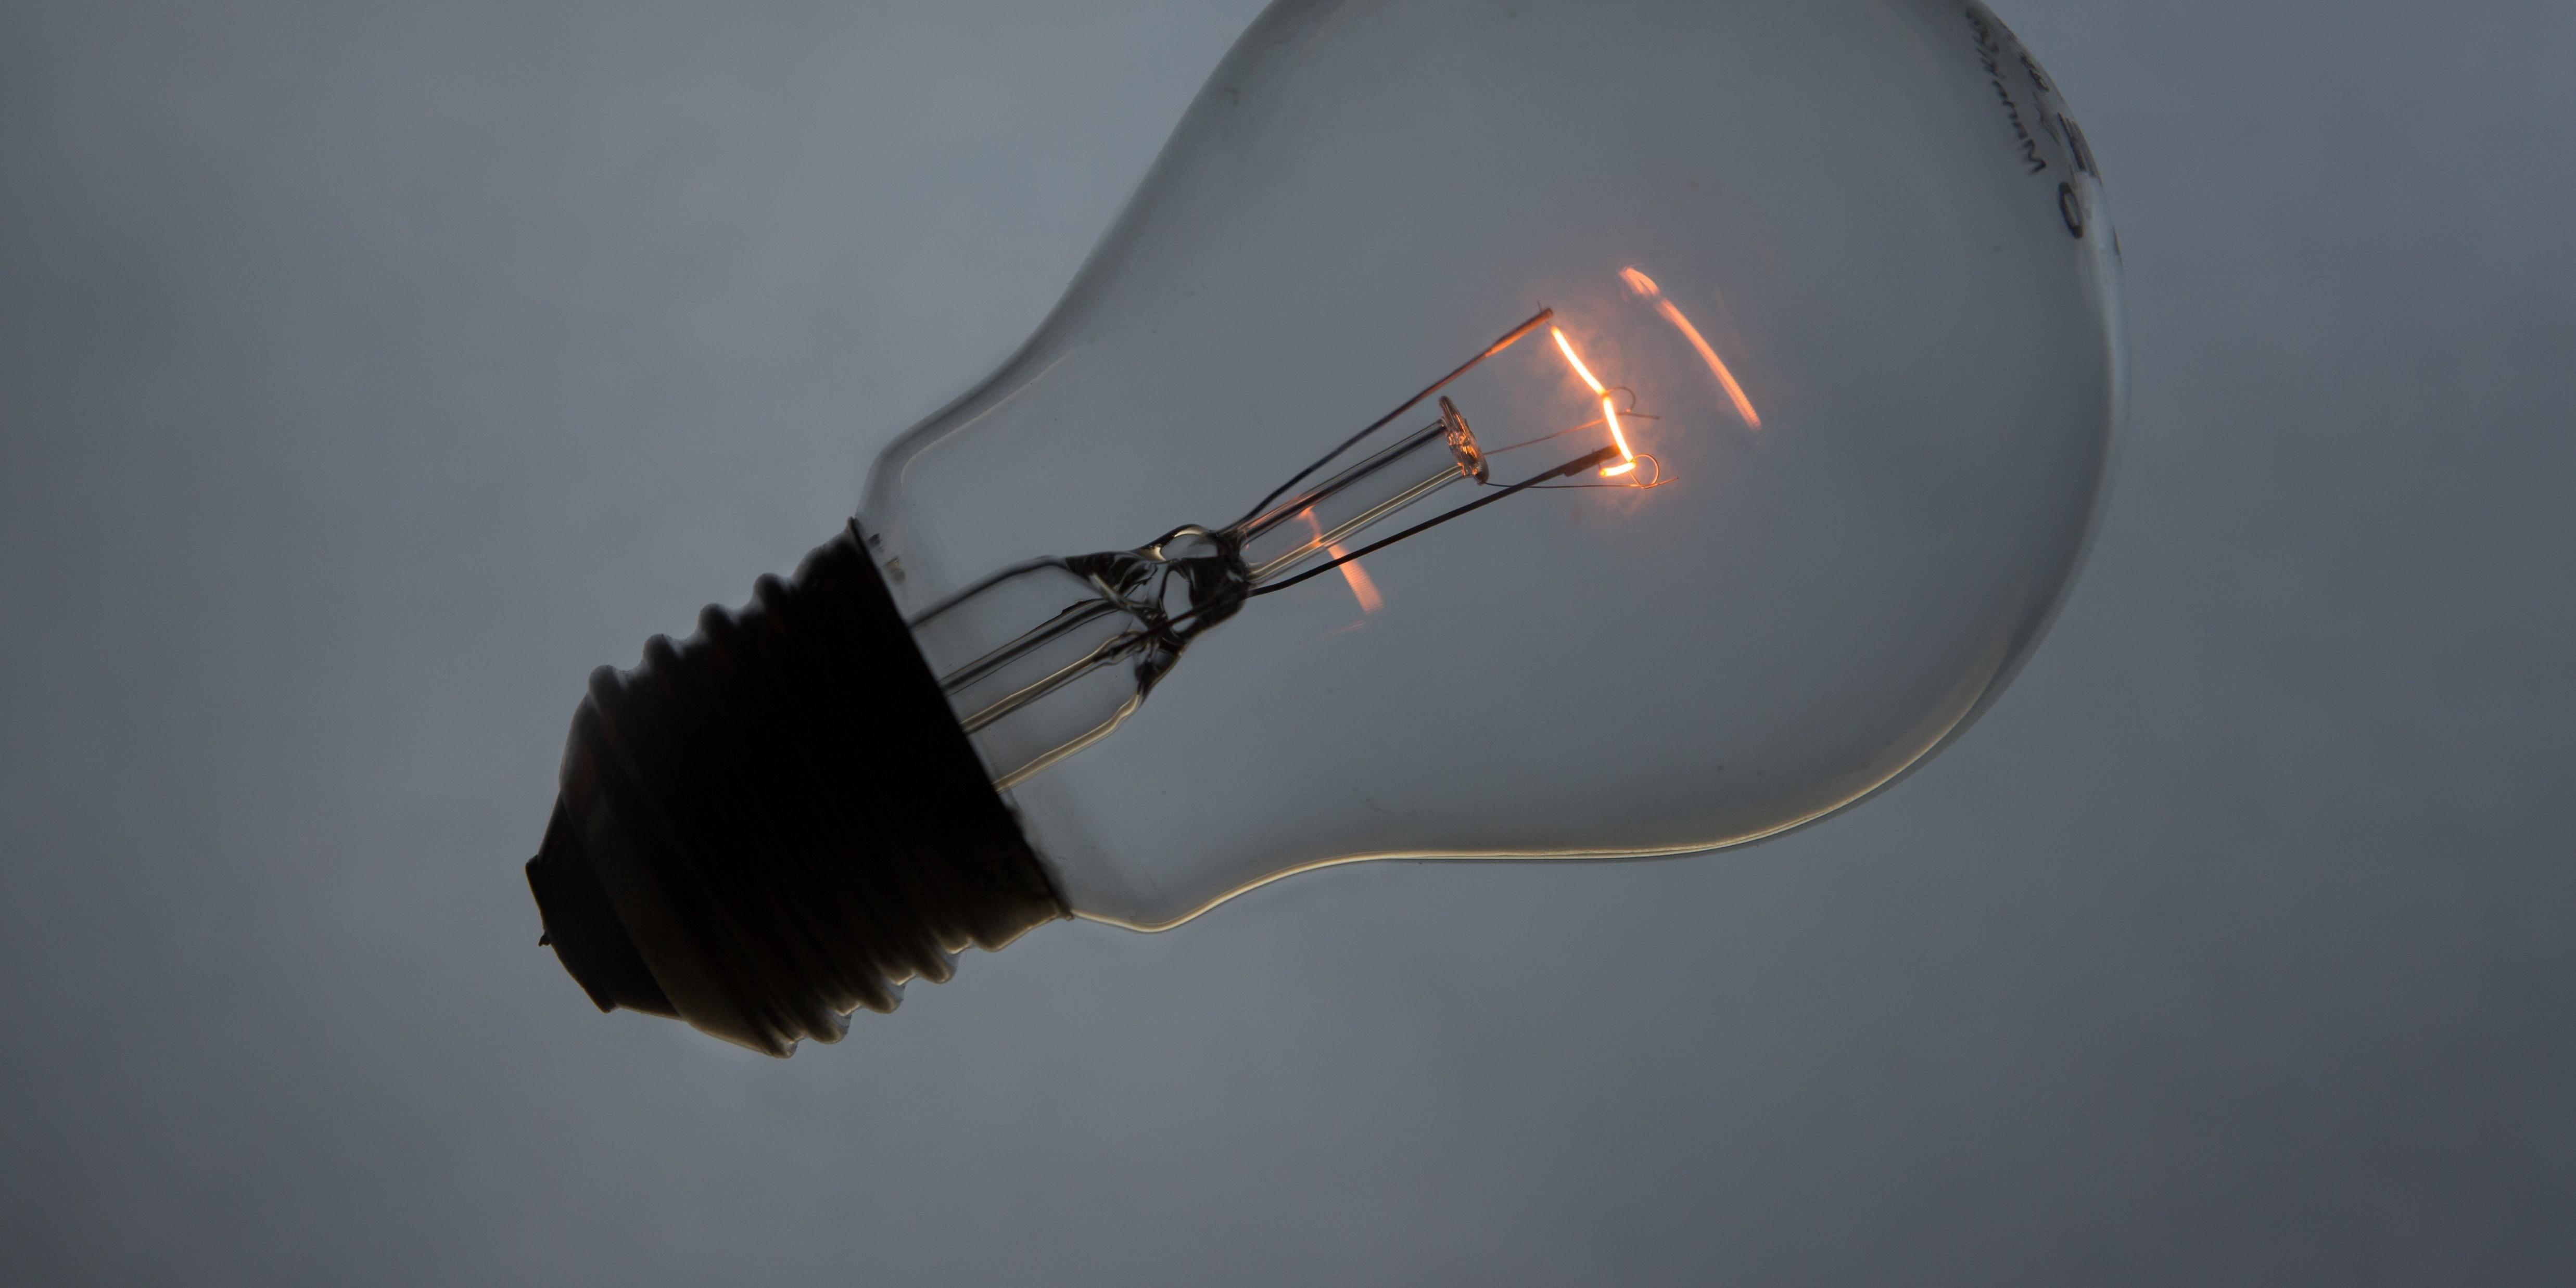 lightbulb-055449-edited